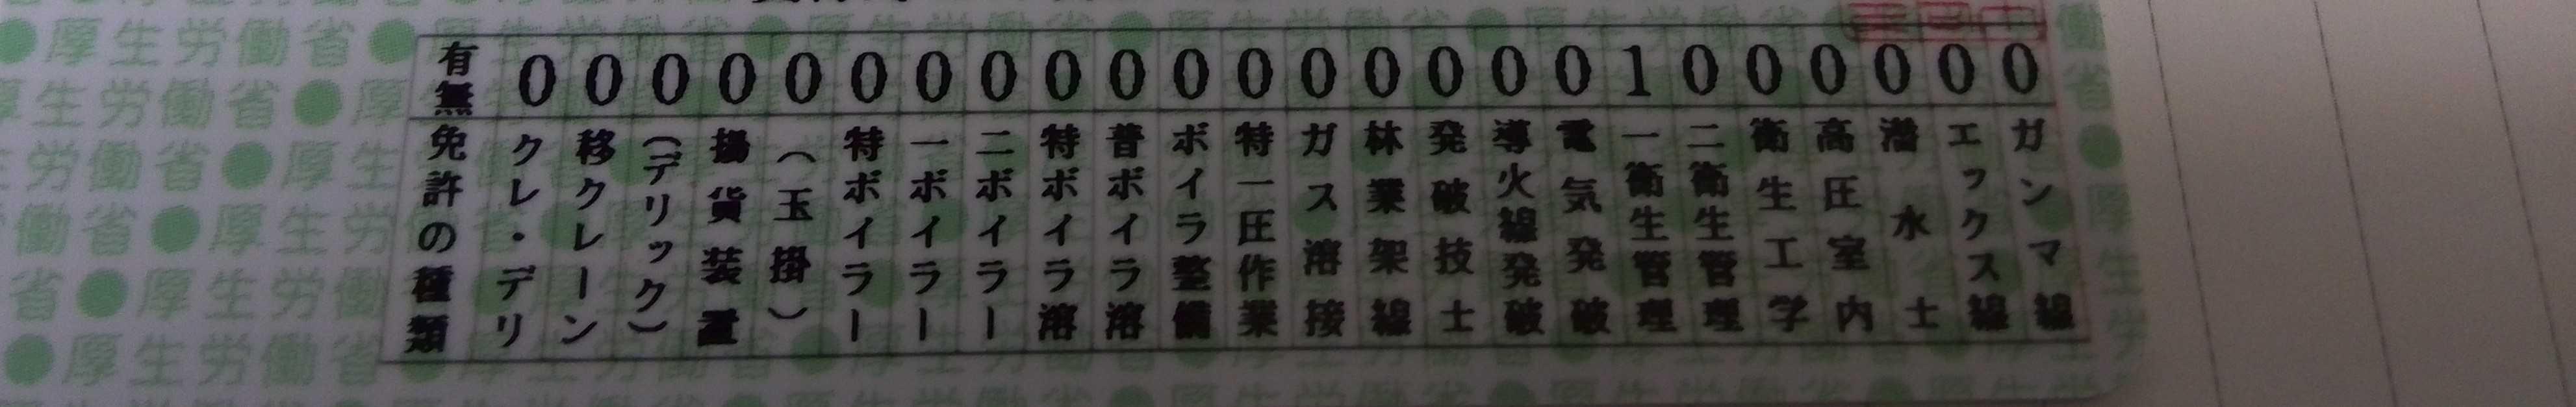 センター 大阪 Ihi 教習所 技術